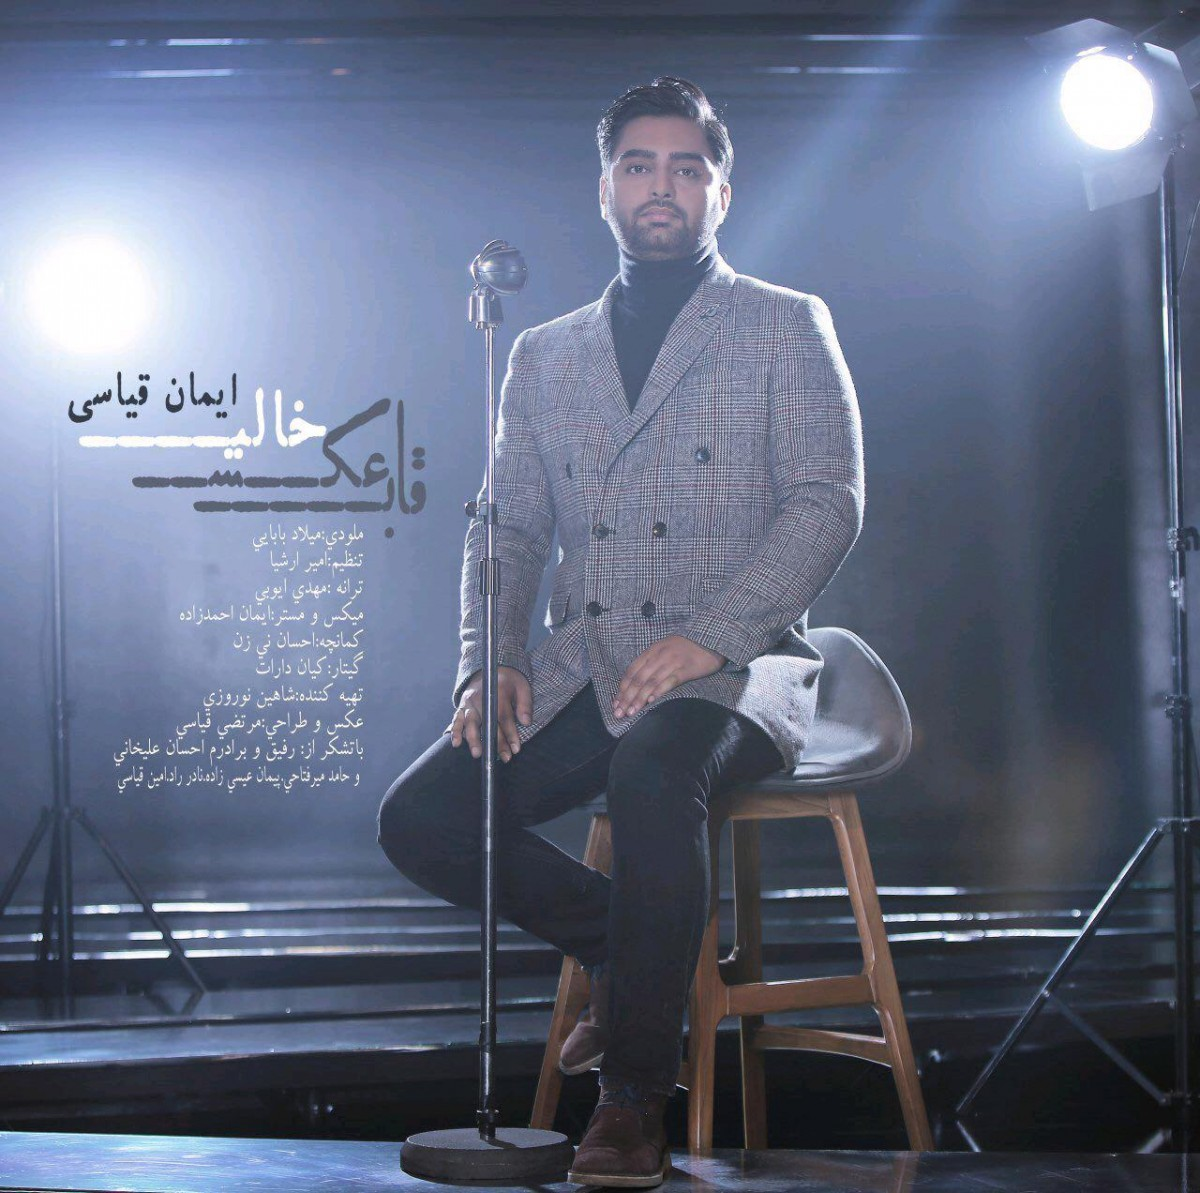 نامبر وان موزیک   دانلود آهنگ جدید Iman-Ghiasi-Ghabe-Aske-Khali